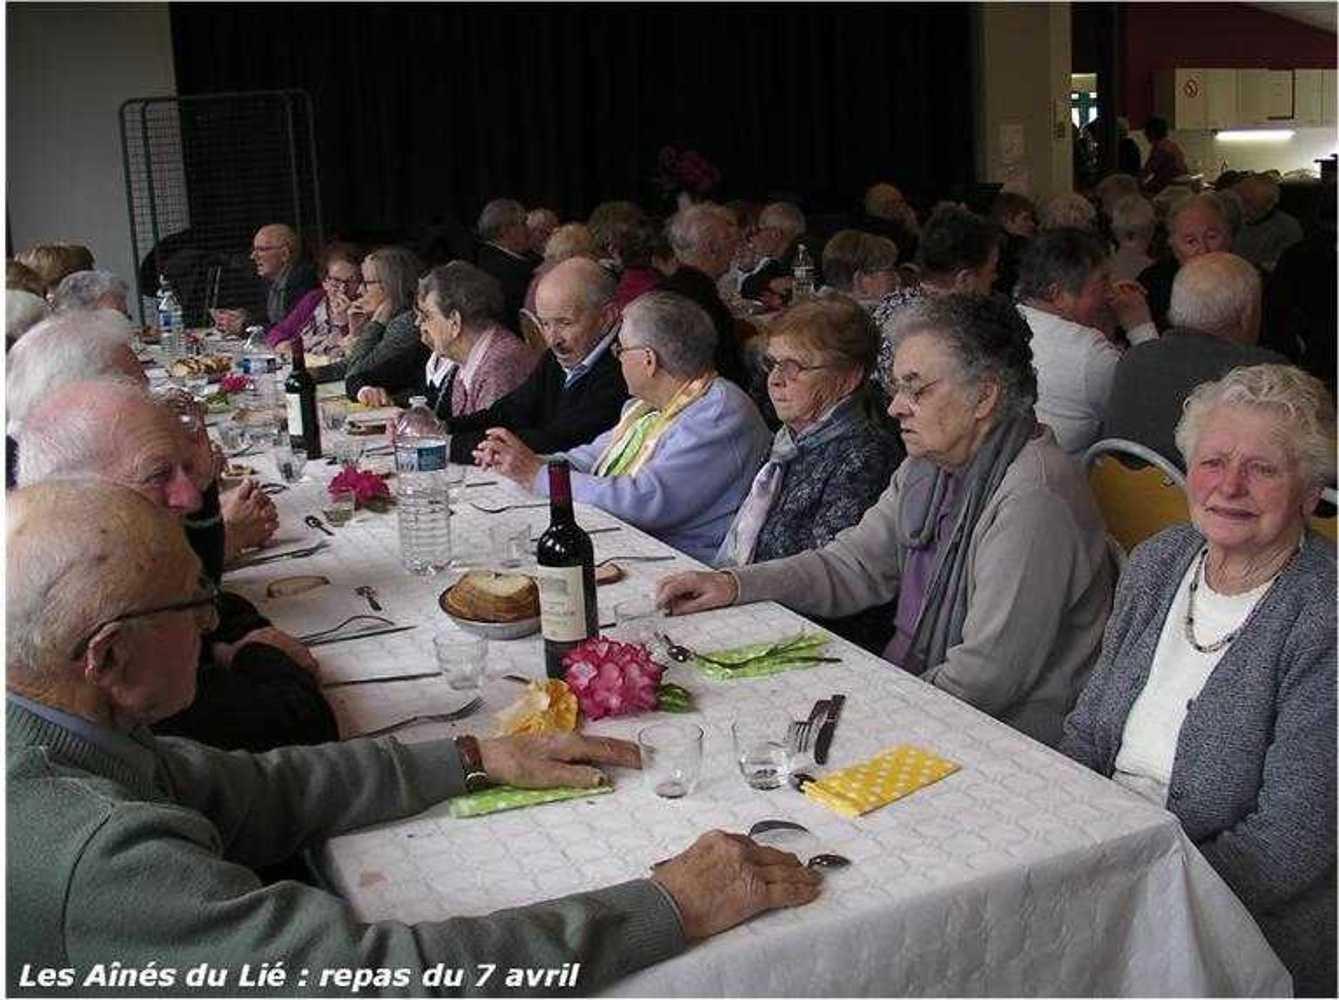 Les Aînés du Lié : photos du repas langue de boeuf image37